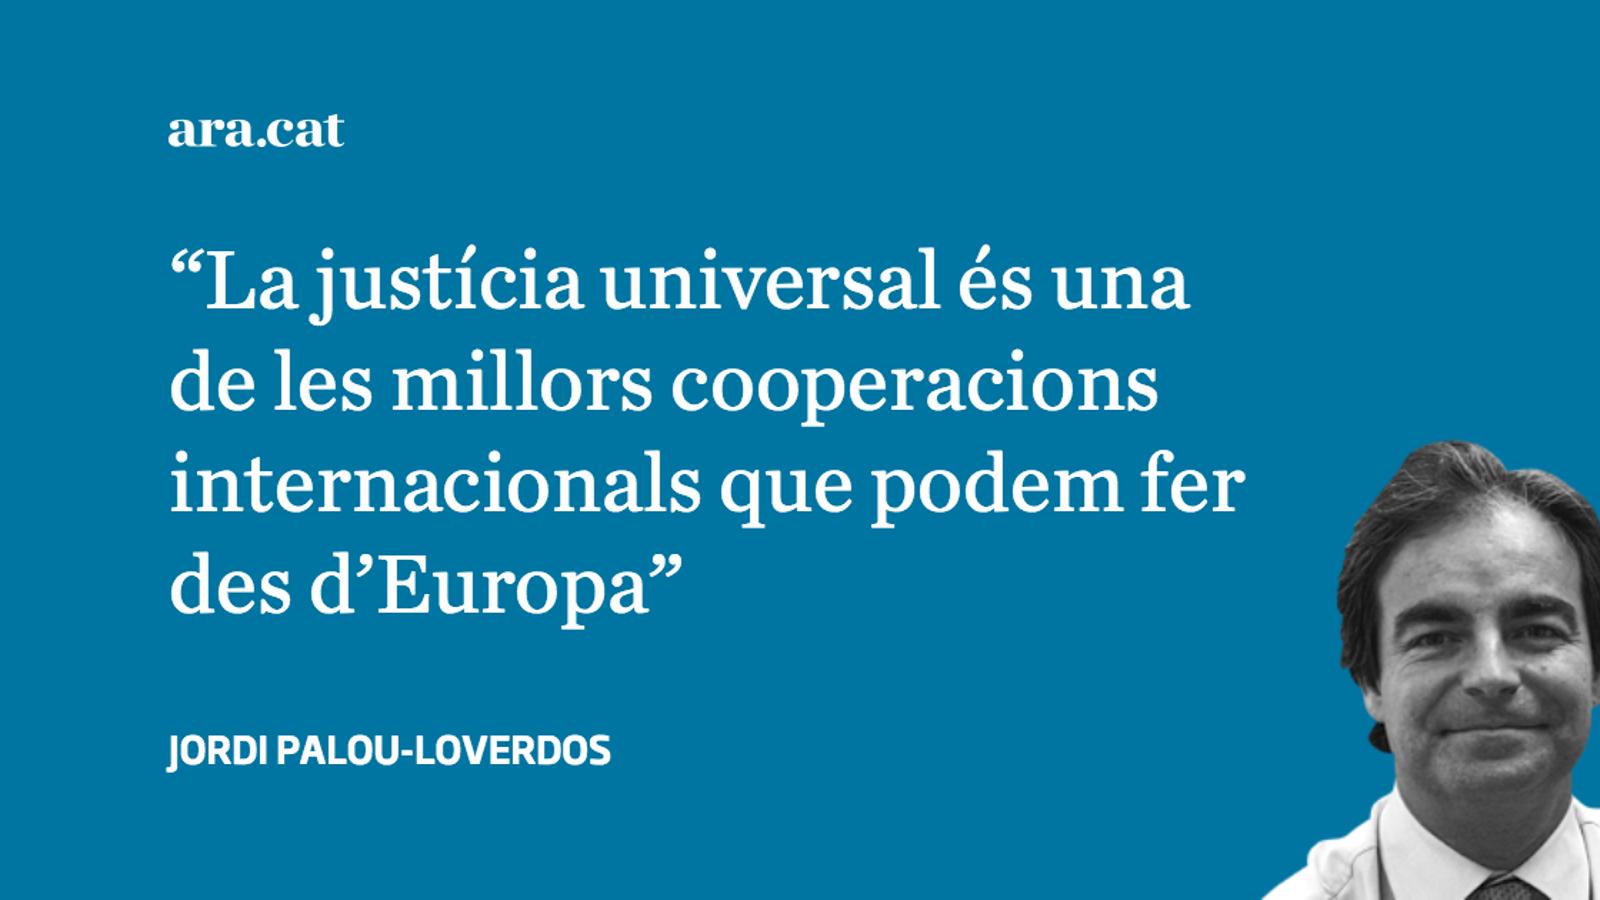 Les multinacionals  i la justícia universal